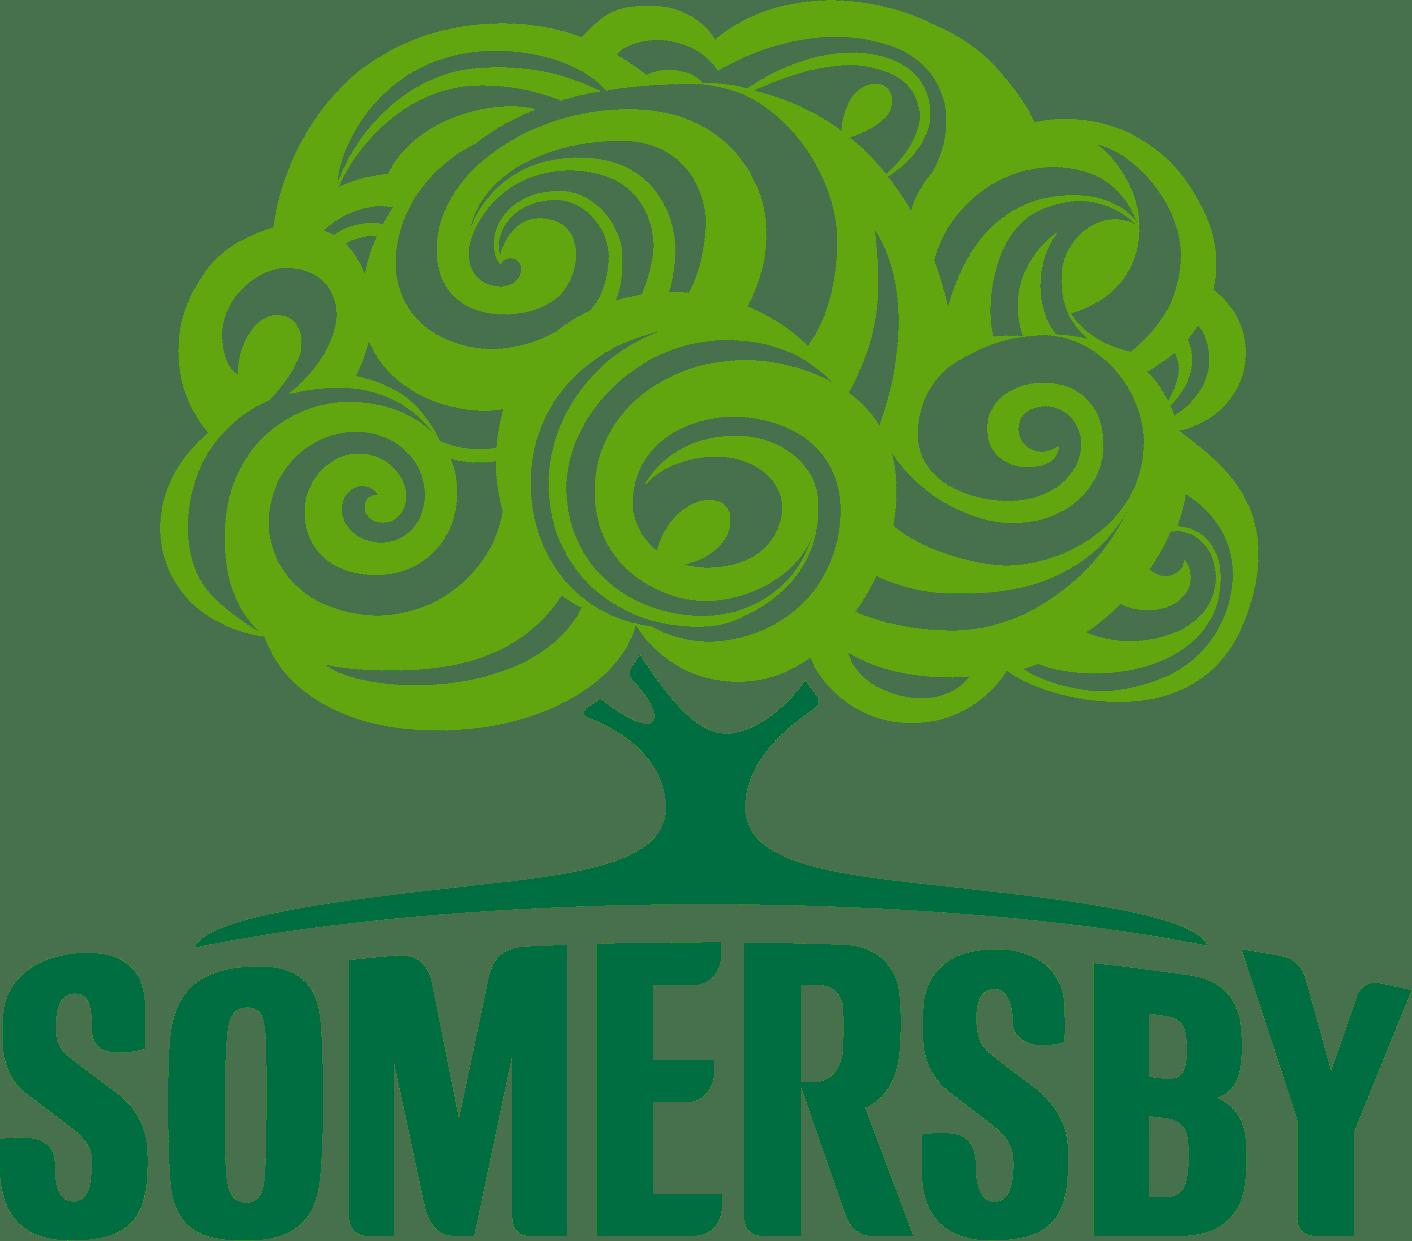 Somersby Cider.